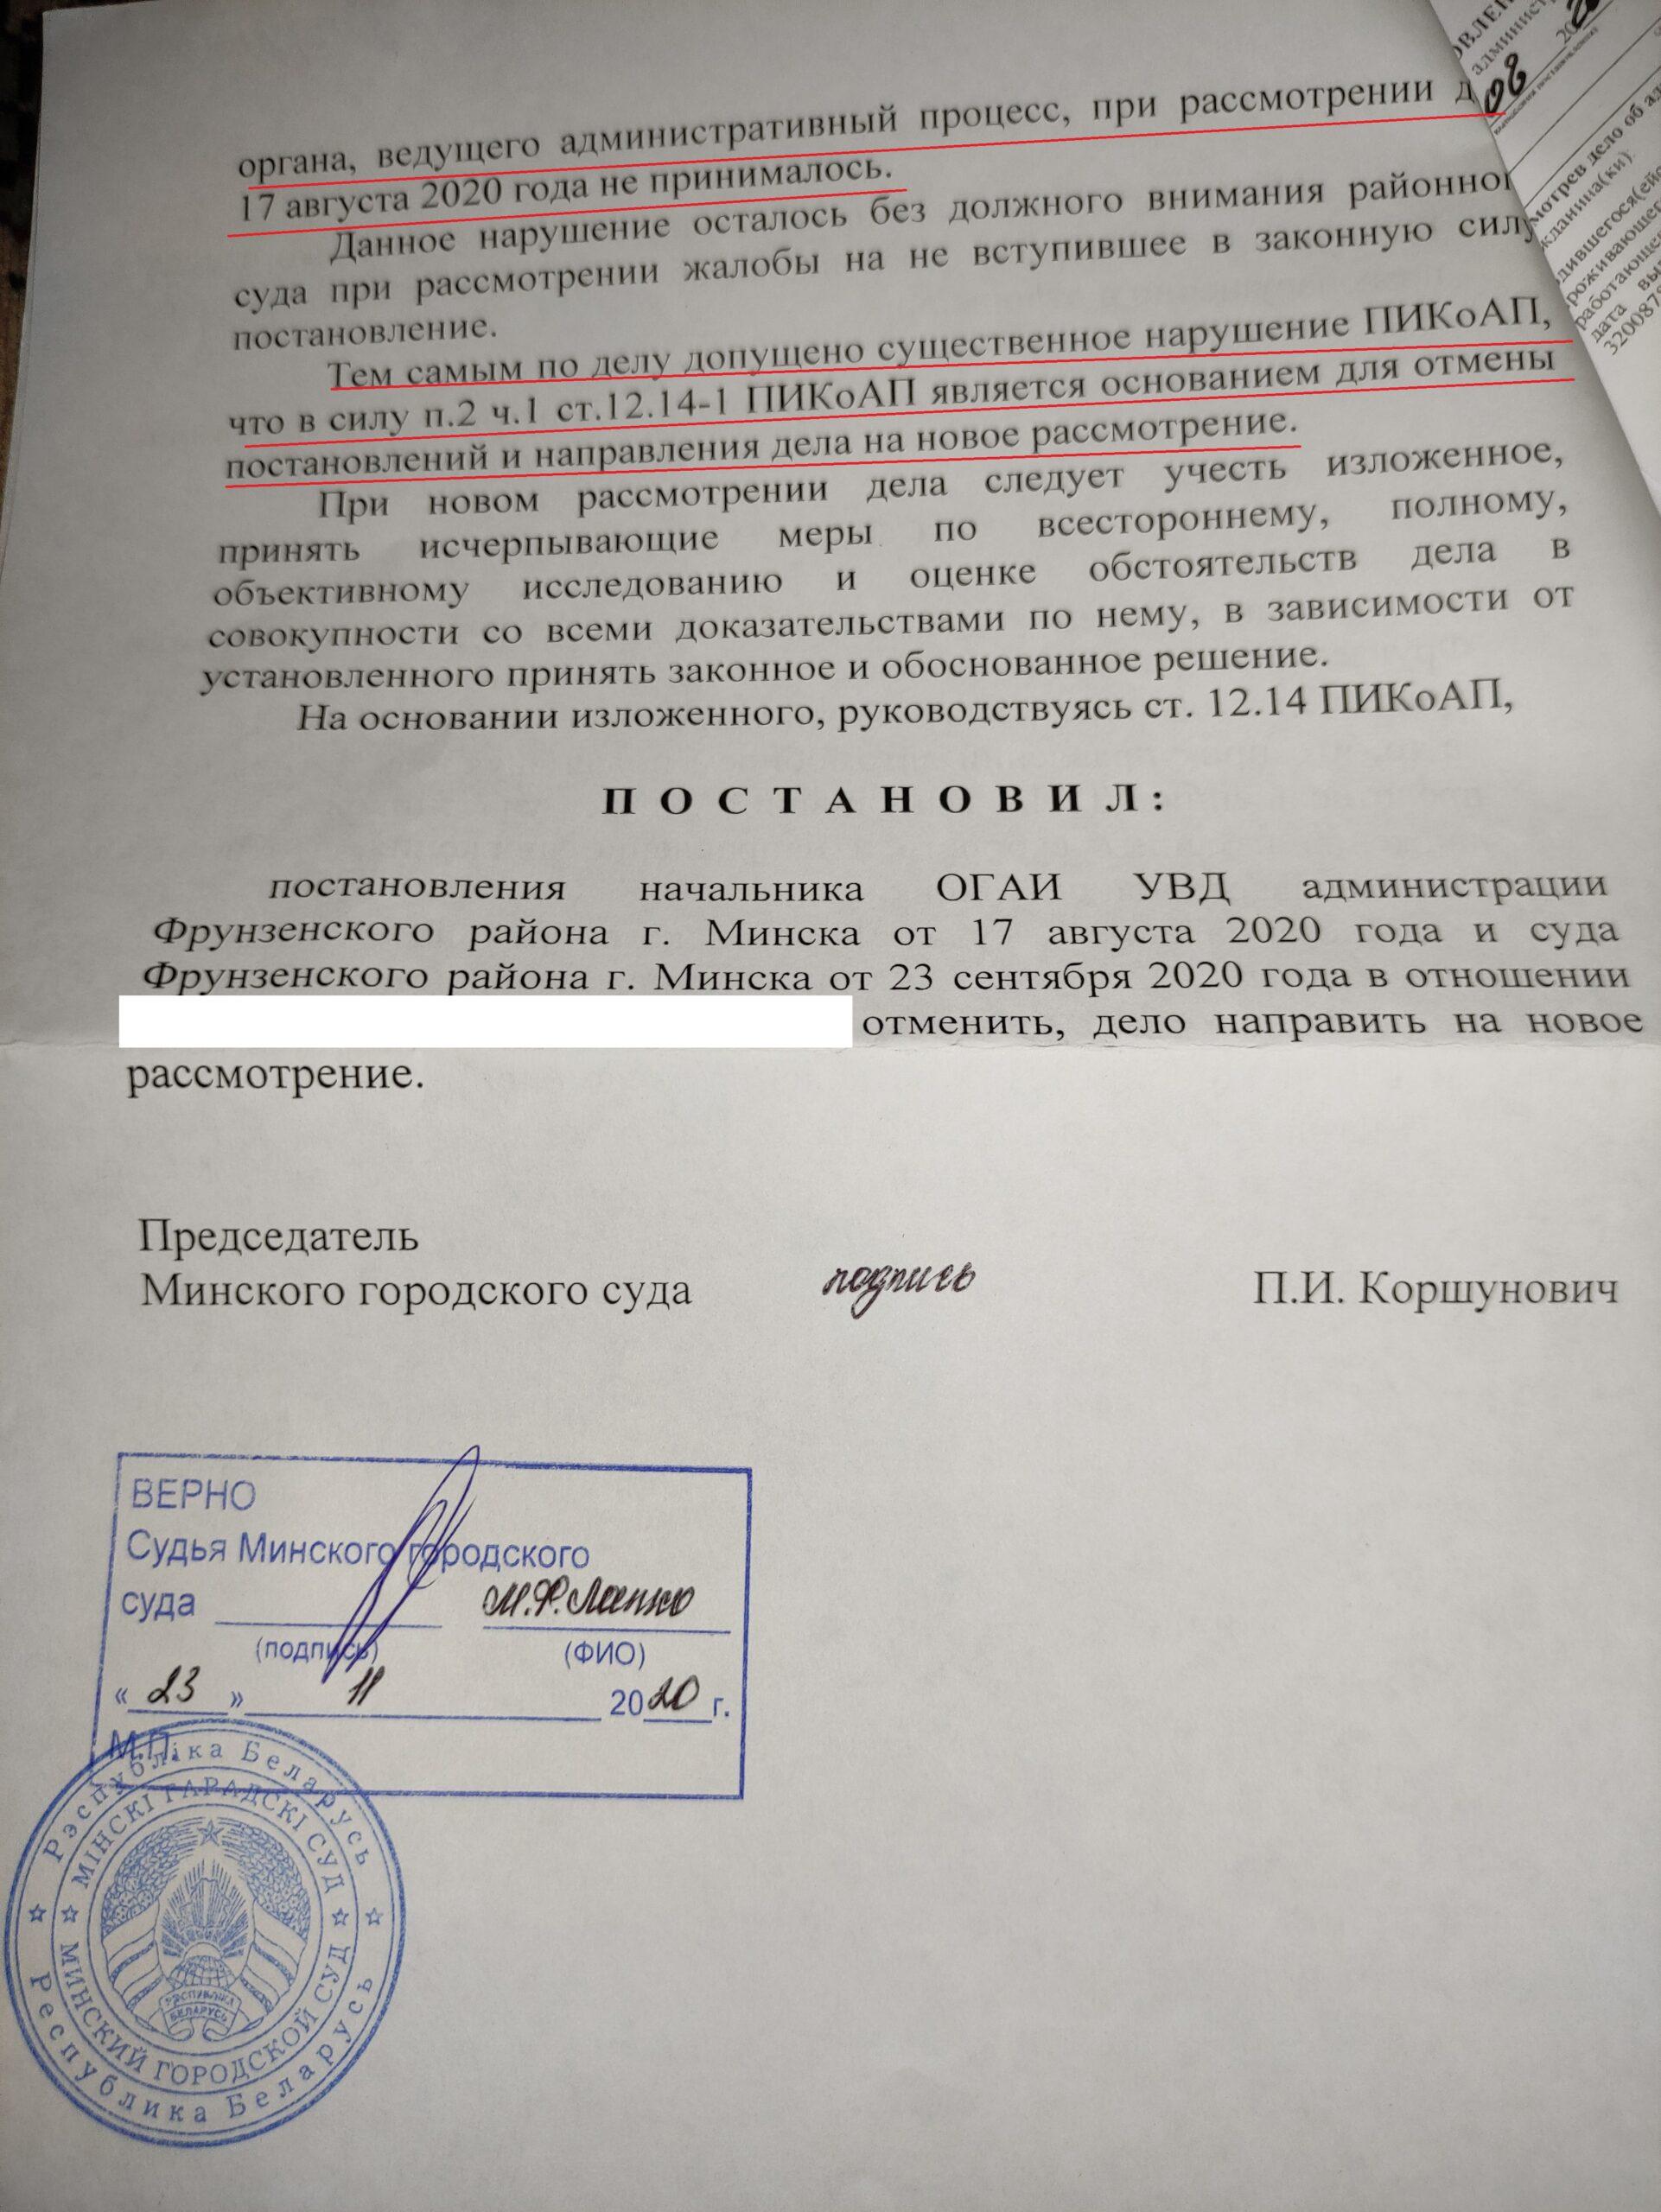 Существенное нарушение ПИКоАП: постановление председателя Мингорсуда